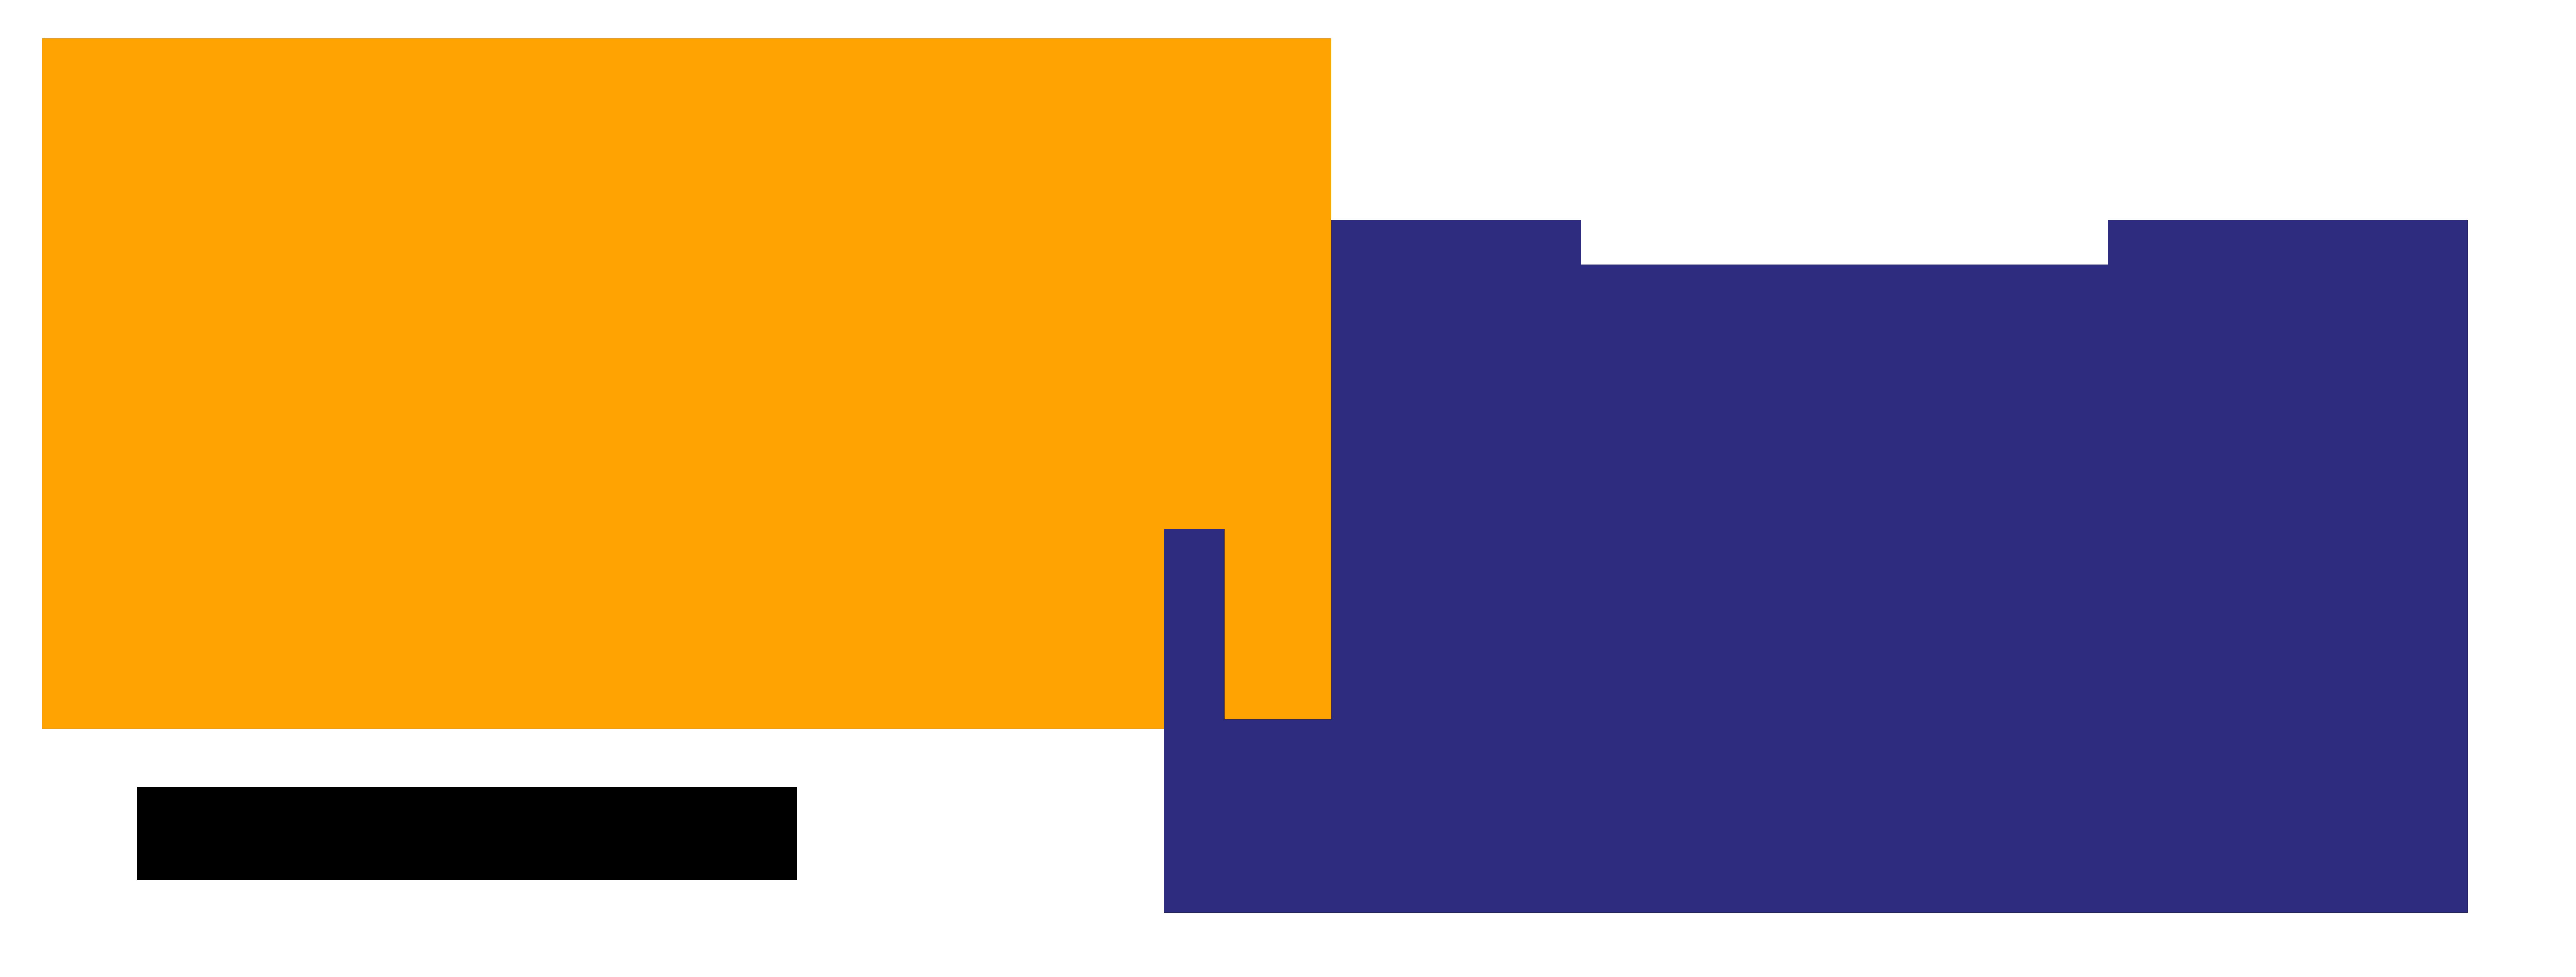 Tatiljeti.com